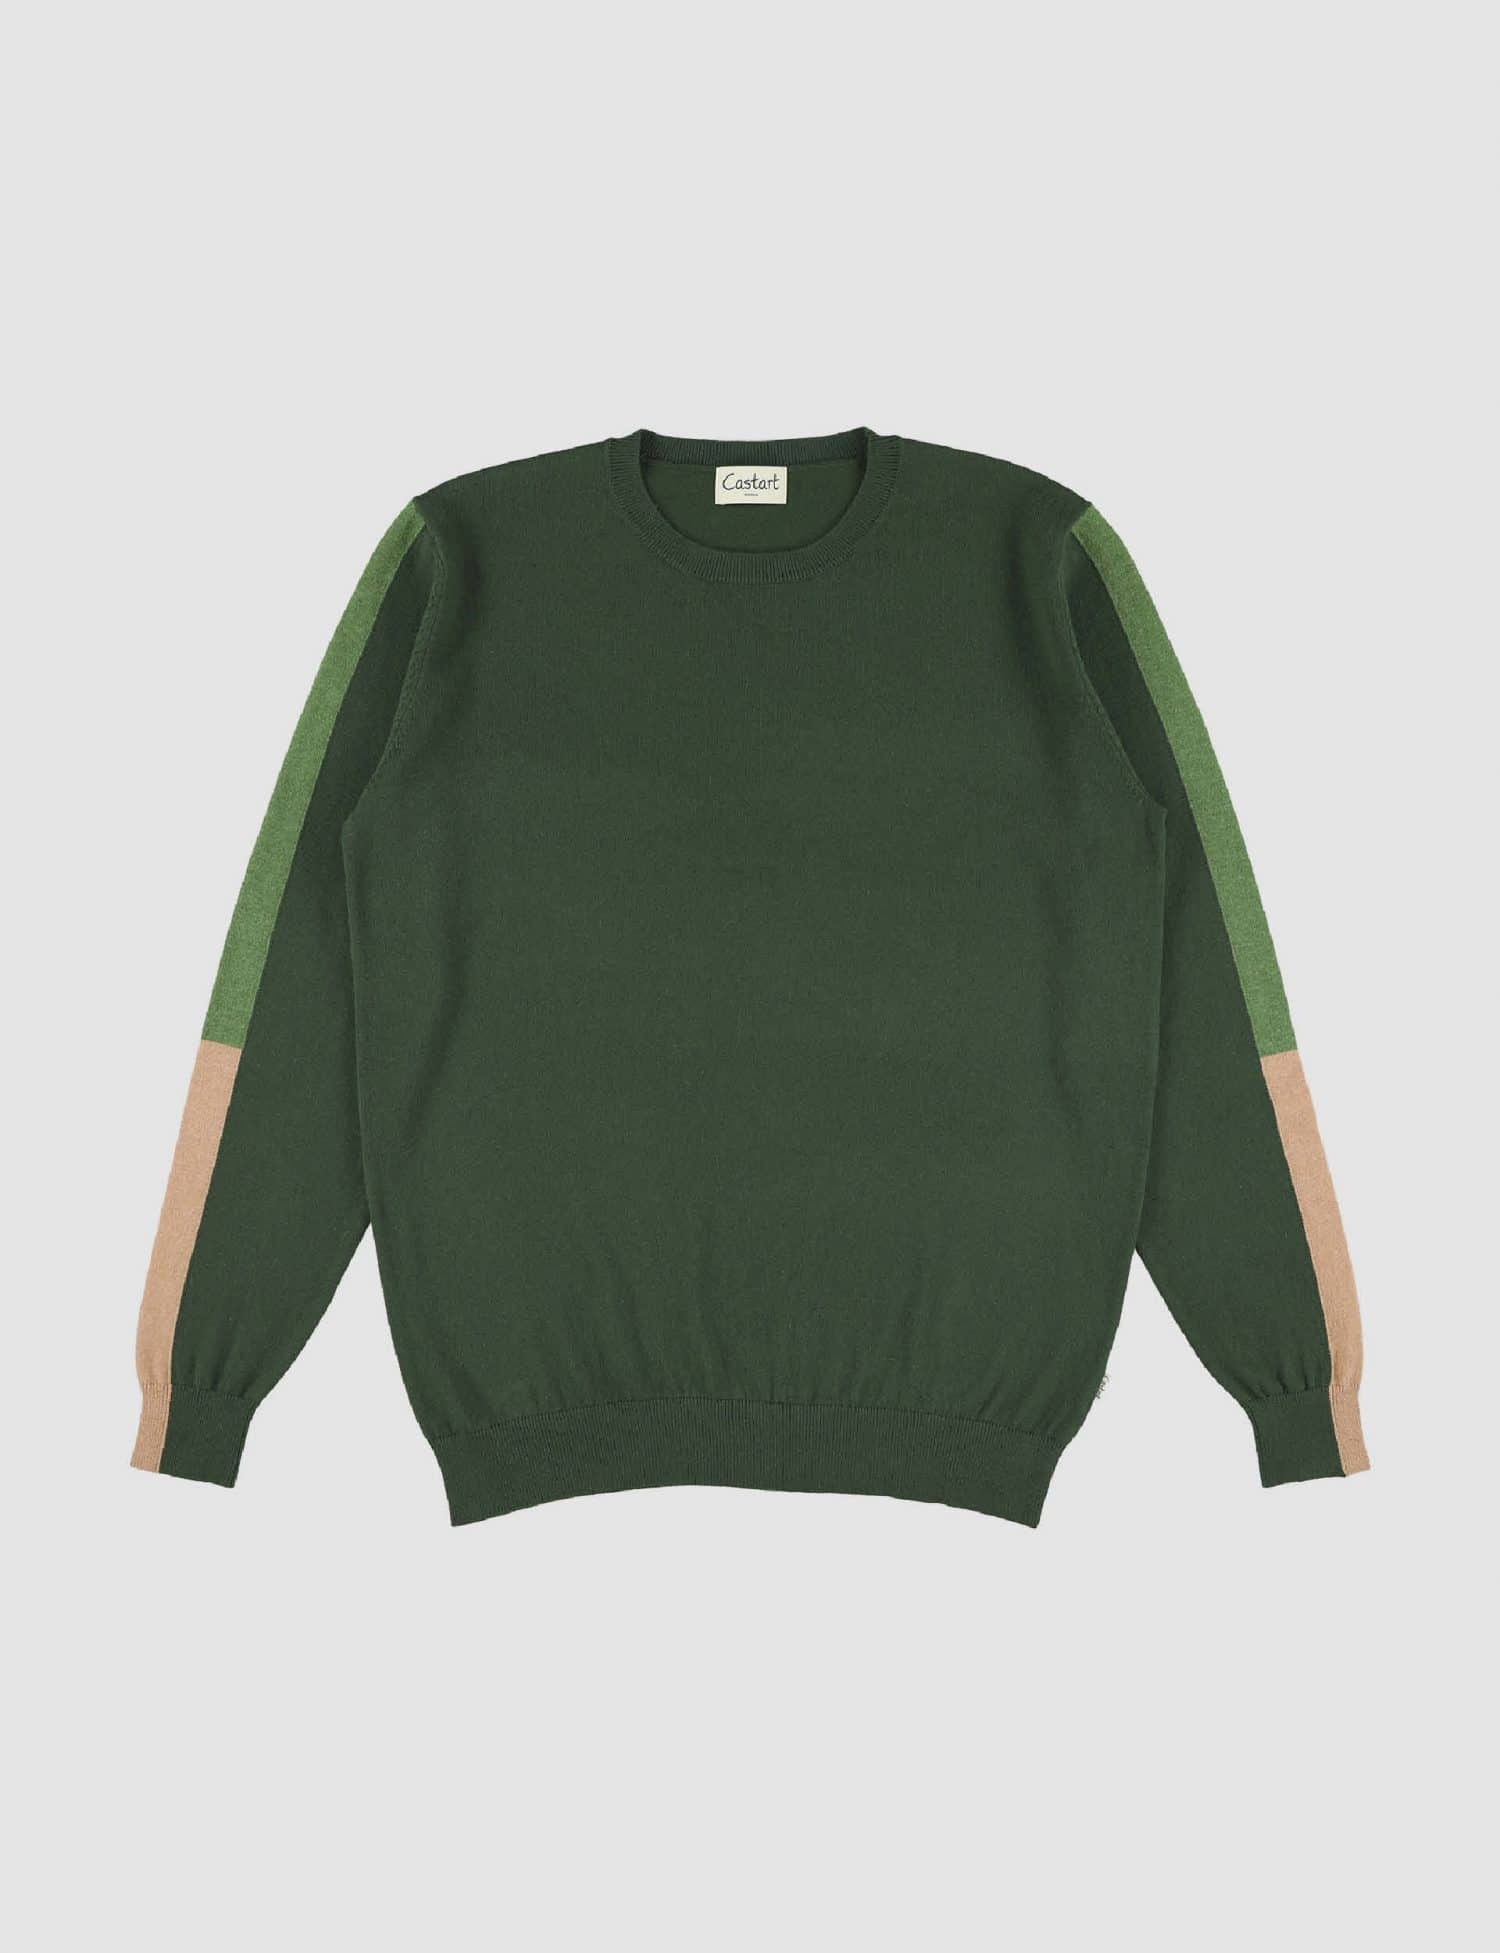 Kubin - Green